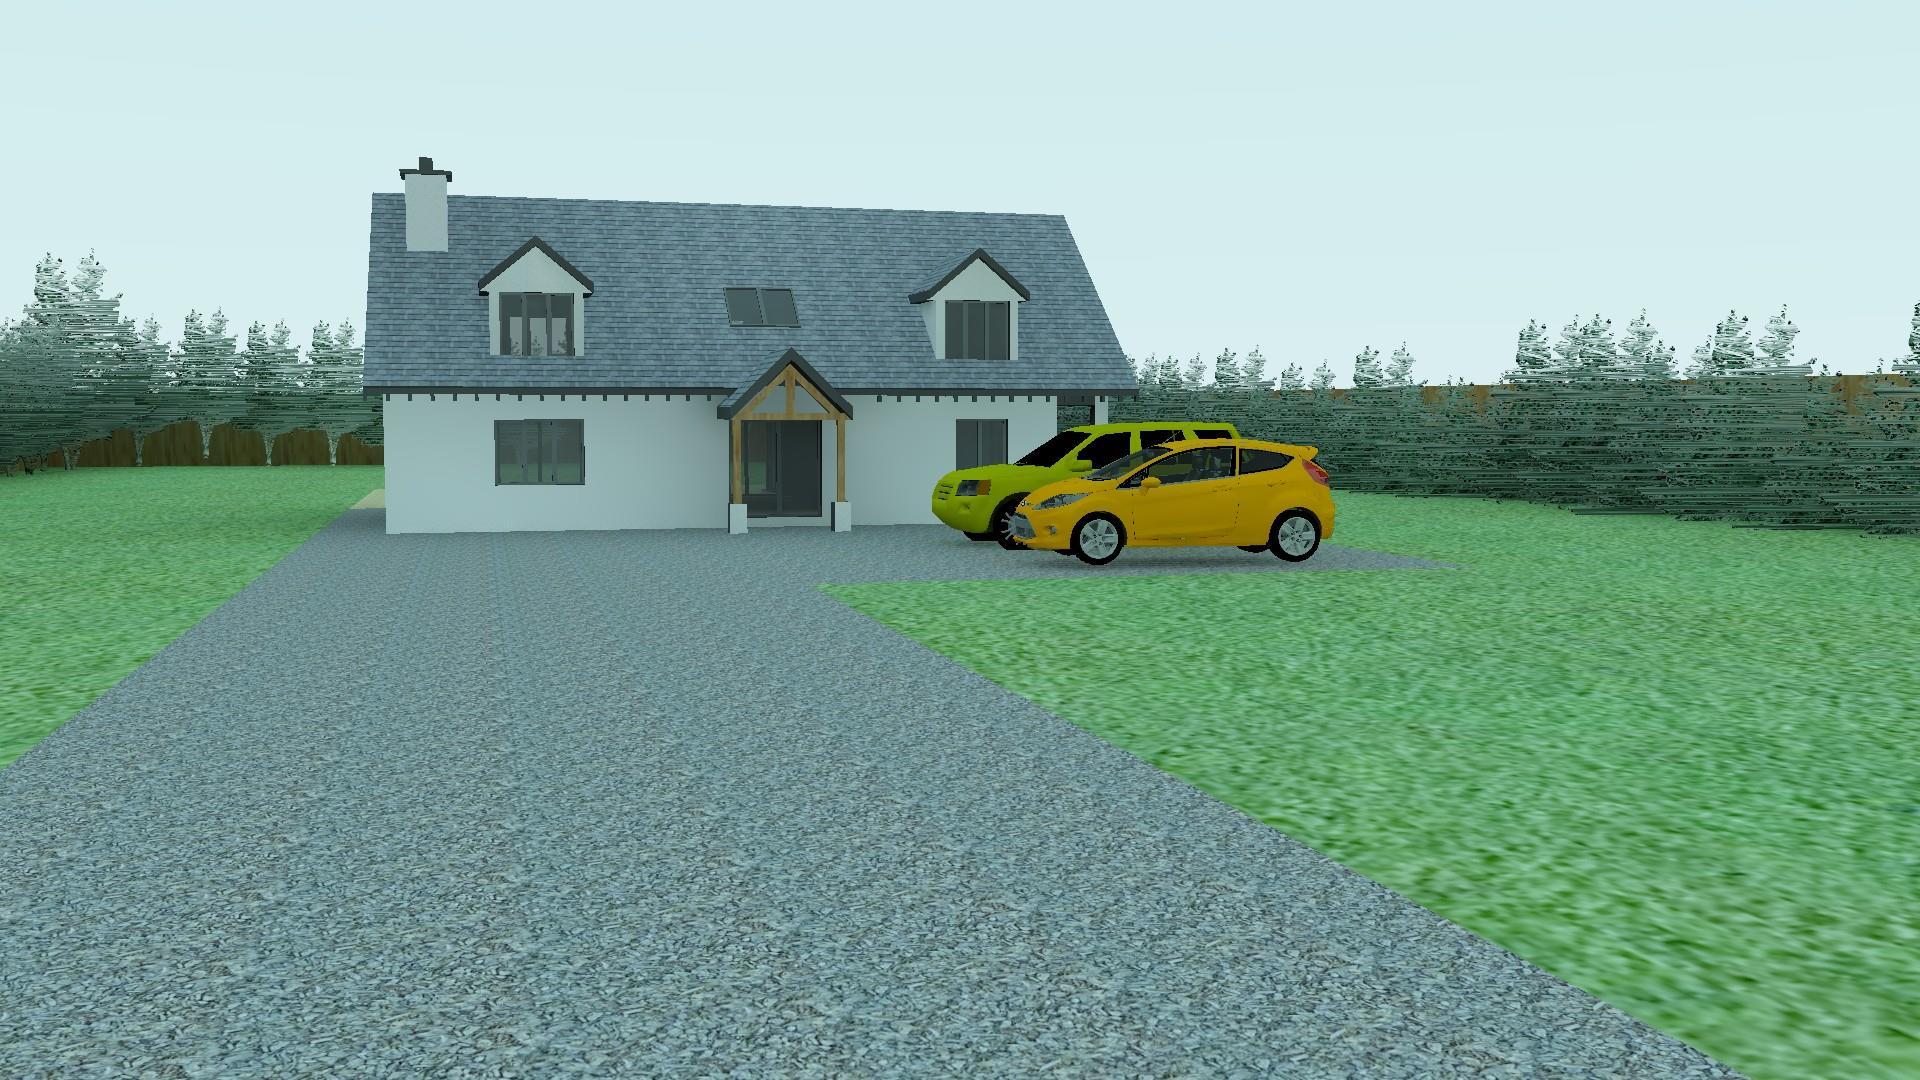 Llannor, Pwllheli - £200,000